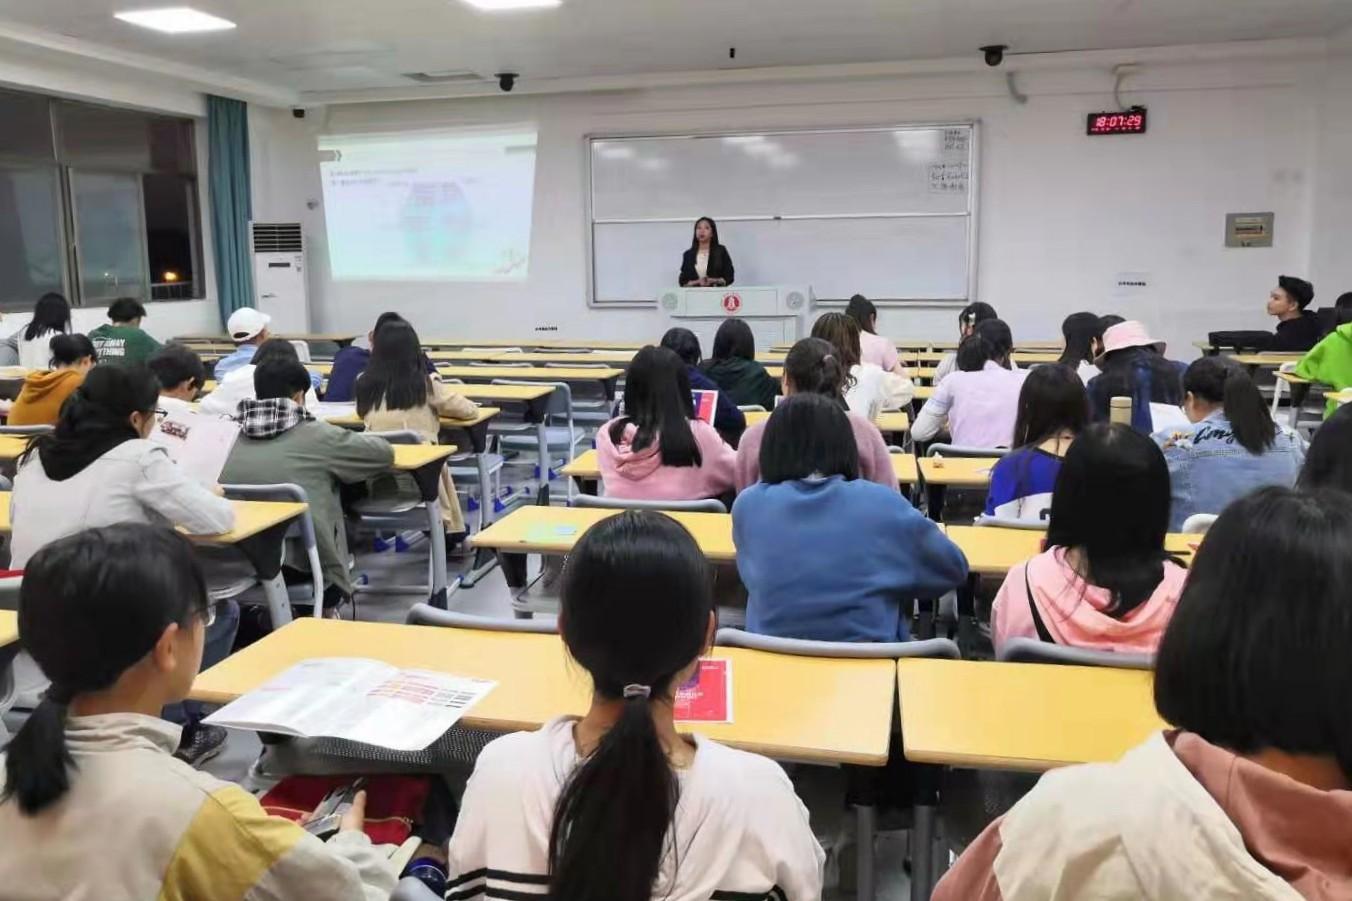 泽稷教育·湖南工商大学会计班CPA讲座顺利举行